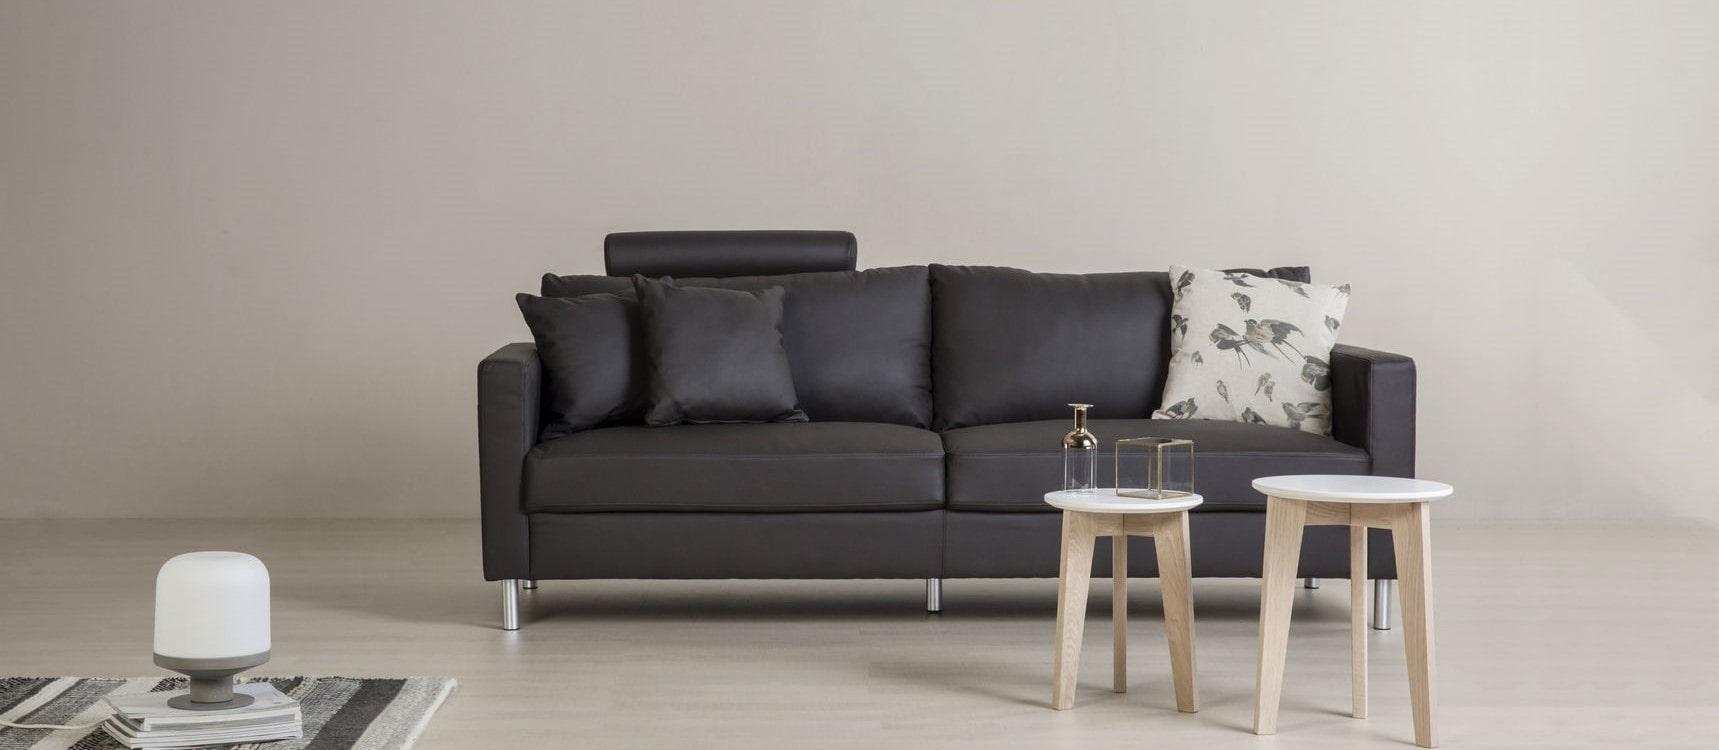 sofa 3 cho17 min - Top 10 Ghế Sofa 3 Chỗ Đáng Mua Nhất Hiện Nay Phù Hợp Với Mọi Gia Đình